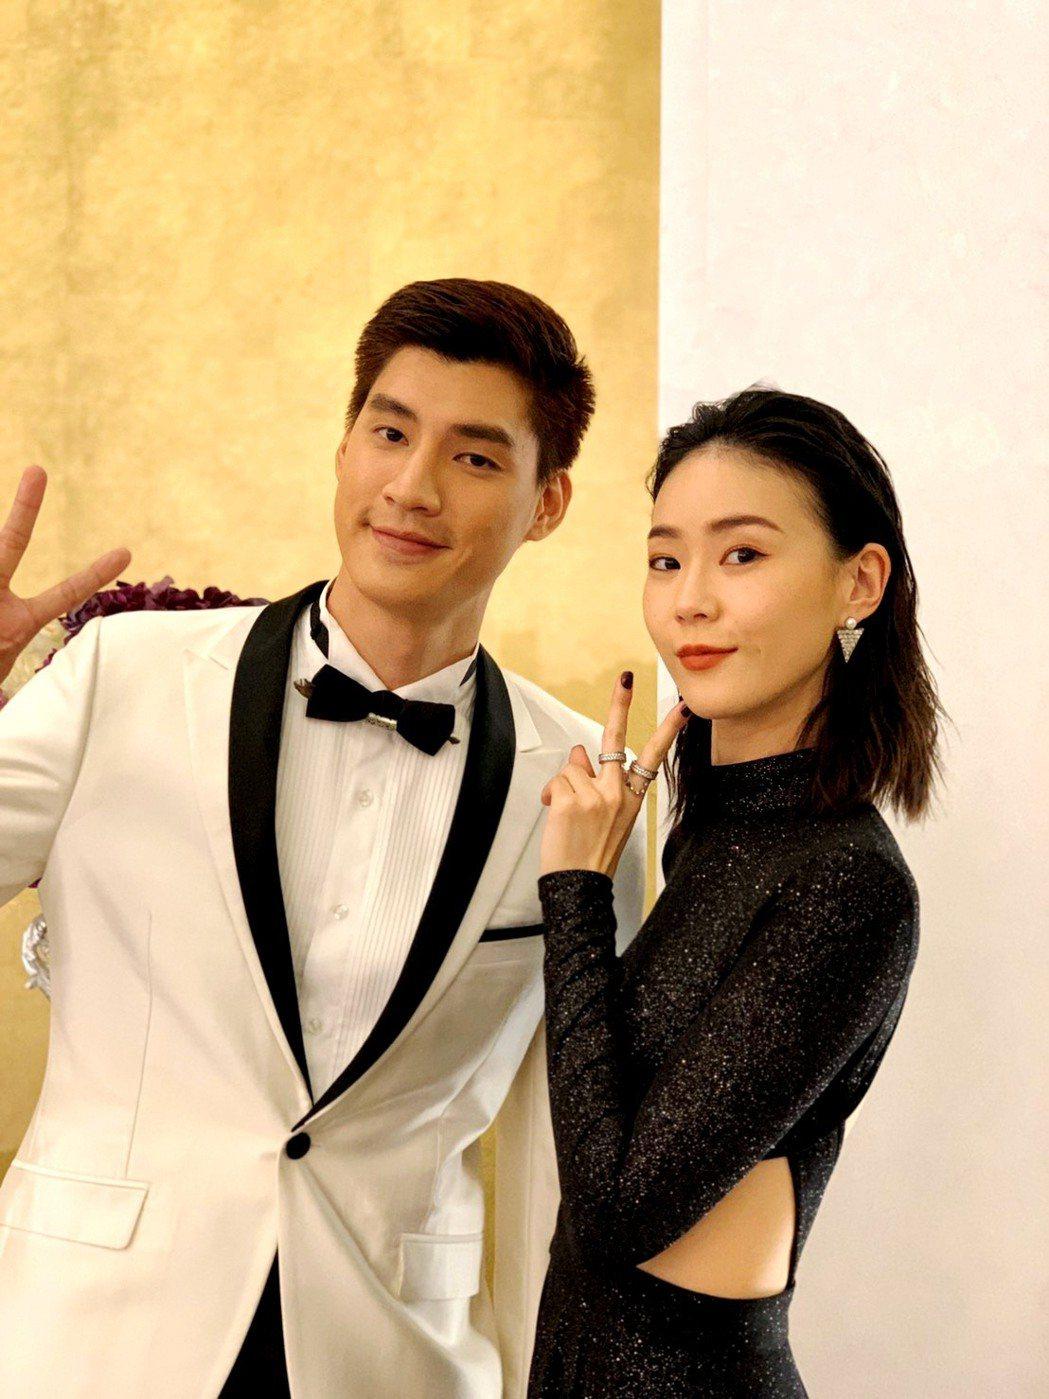 鍾瑶(右)環抱羅宏正祝他情人節快樂  圖/三立提供